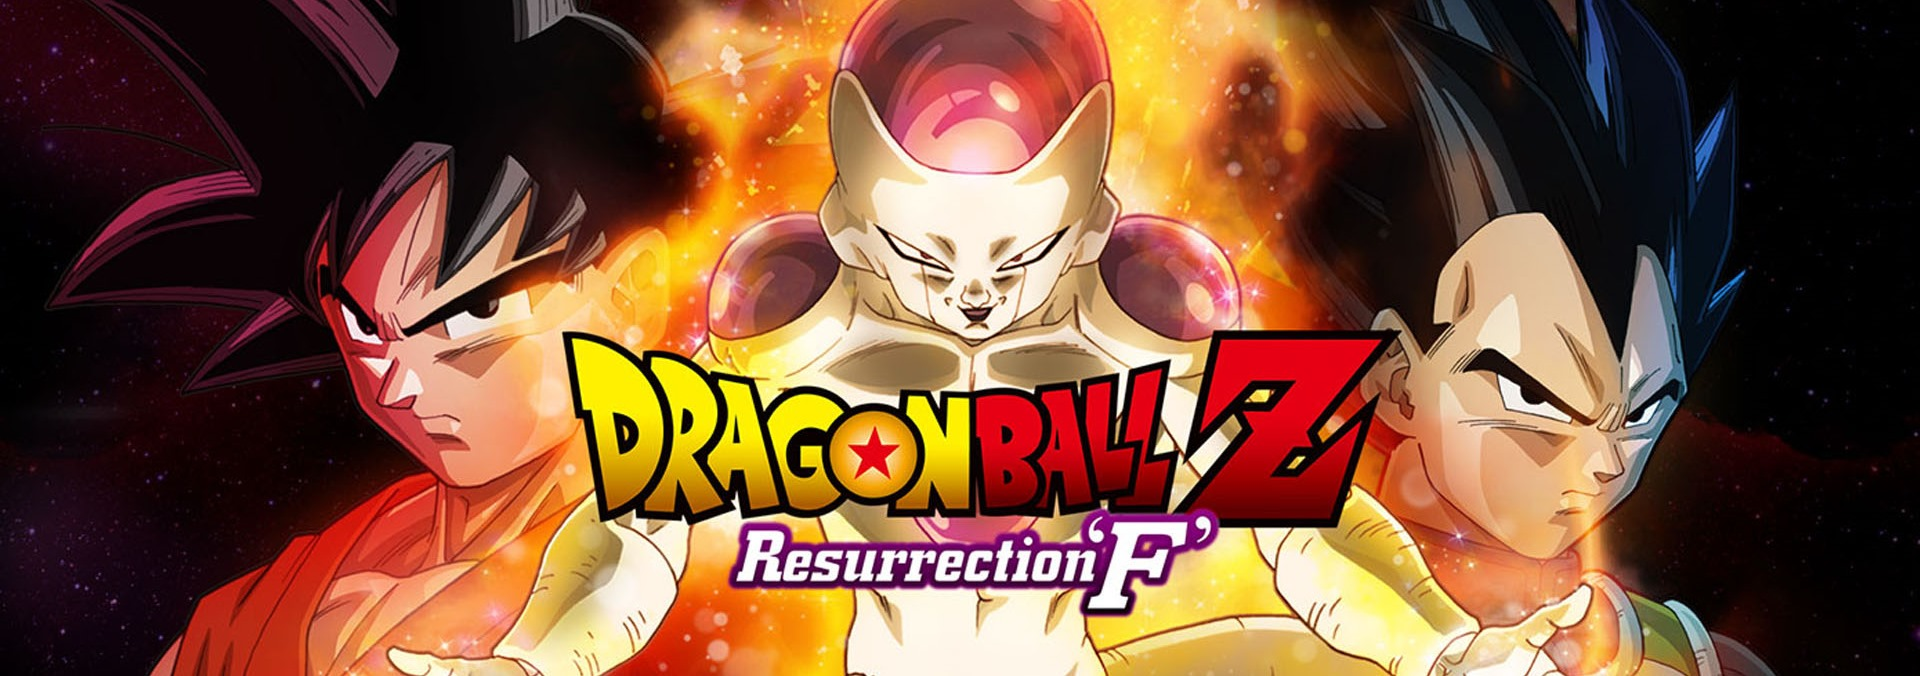 DBZ-Resurrection-F-2-Clean